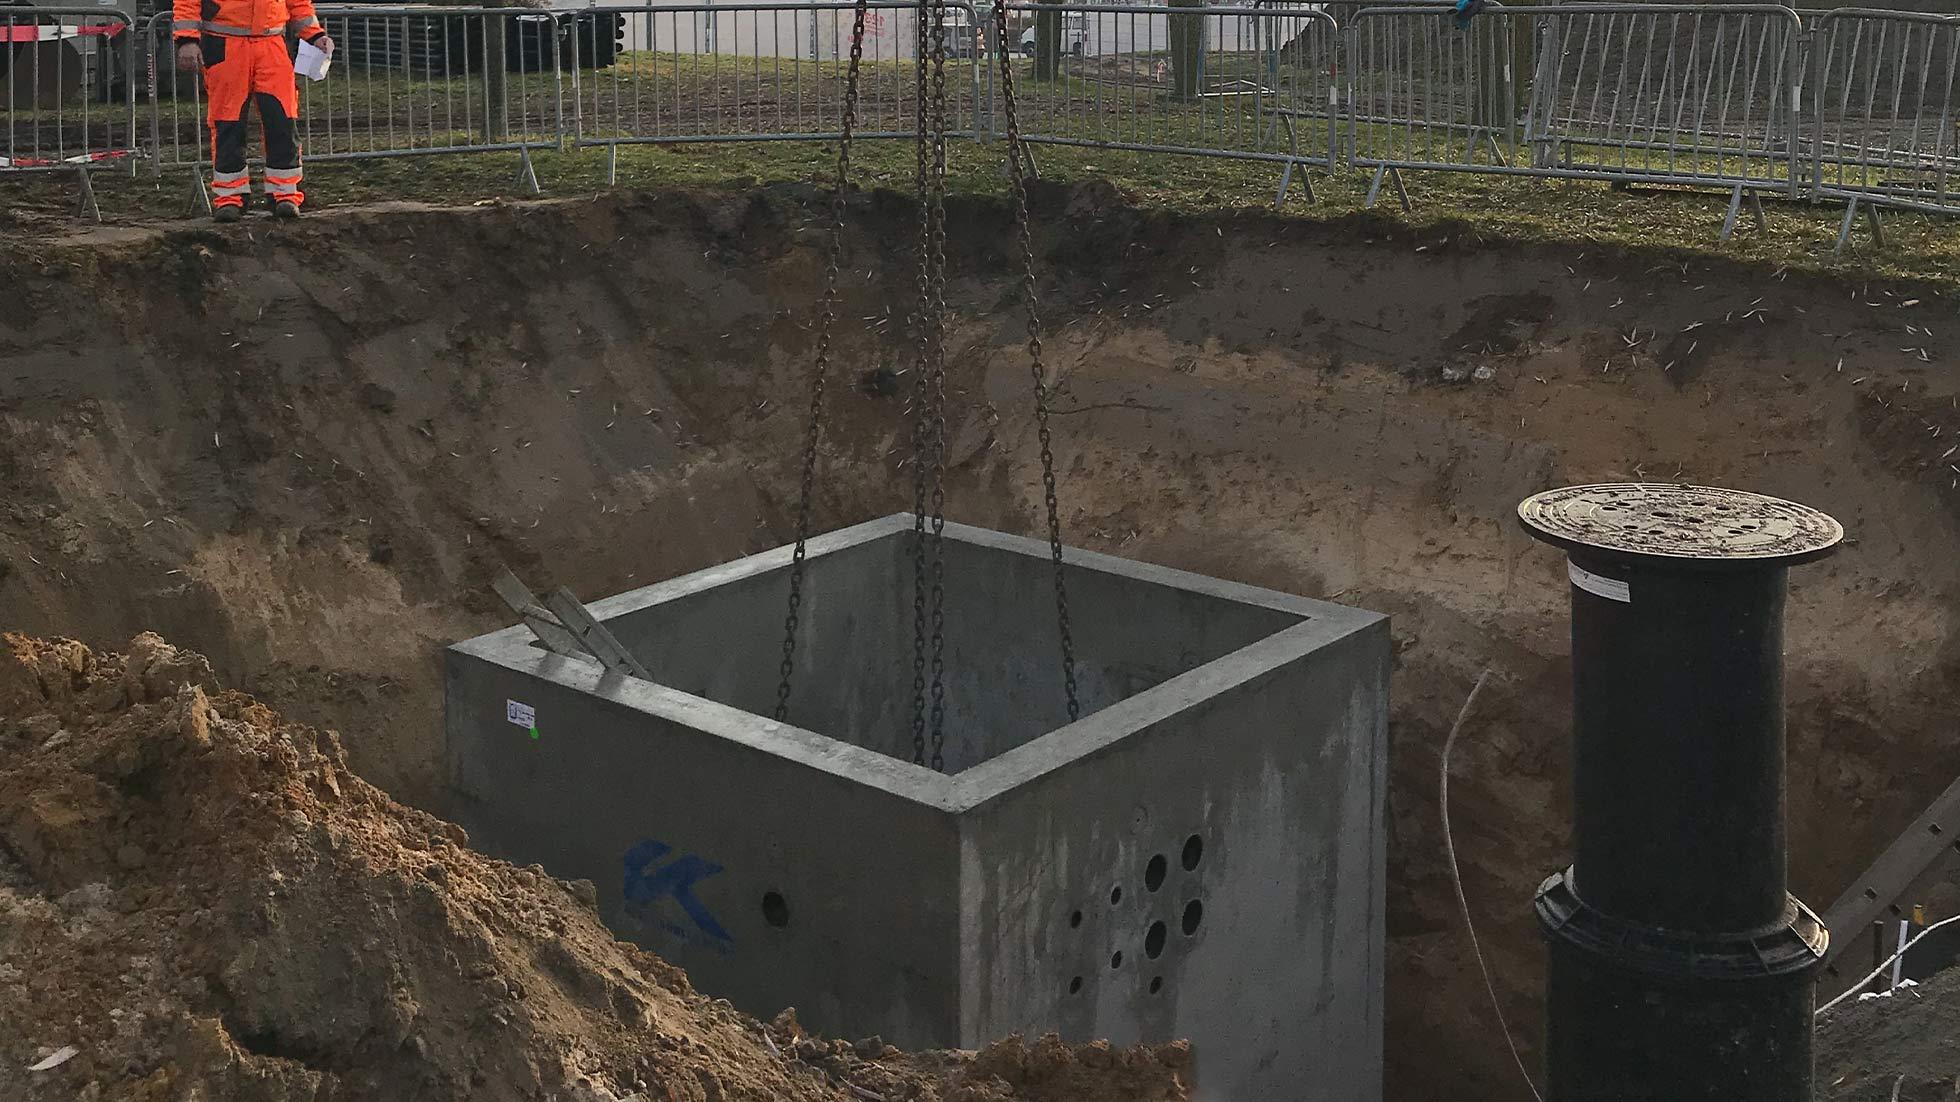 Einfache Logistik auf der Baustelle